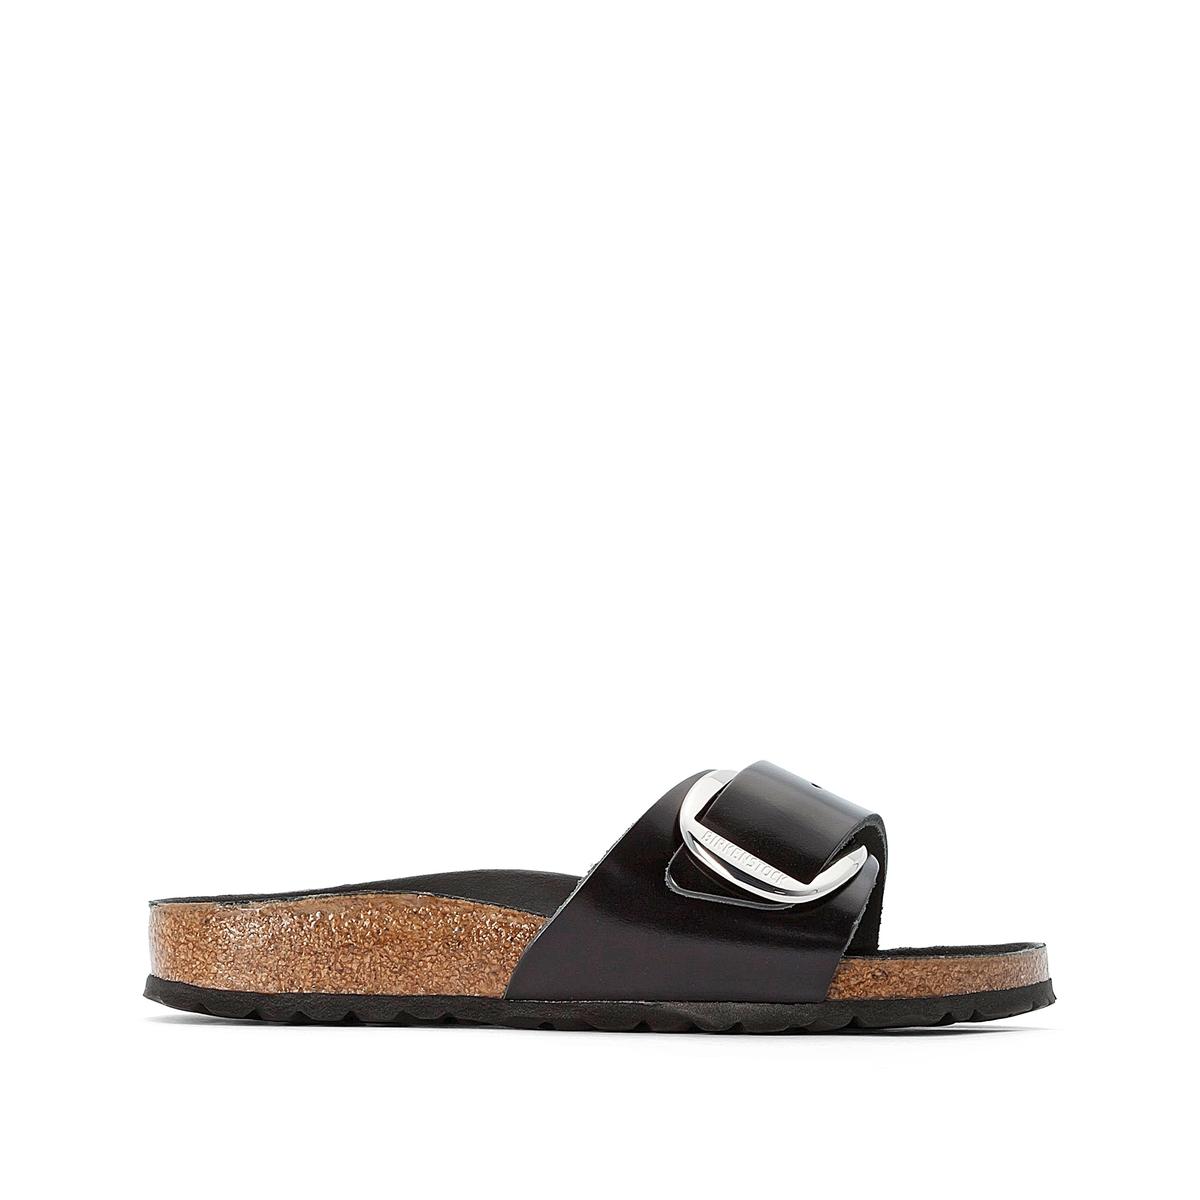 Birkenstock Madrid Grote Buckle sandalen online kopen